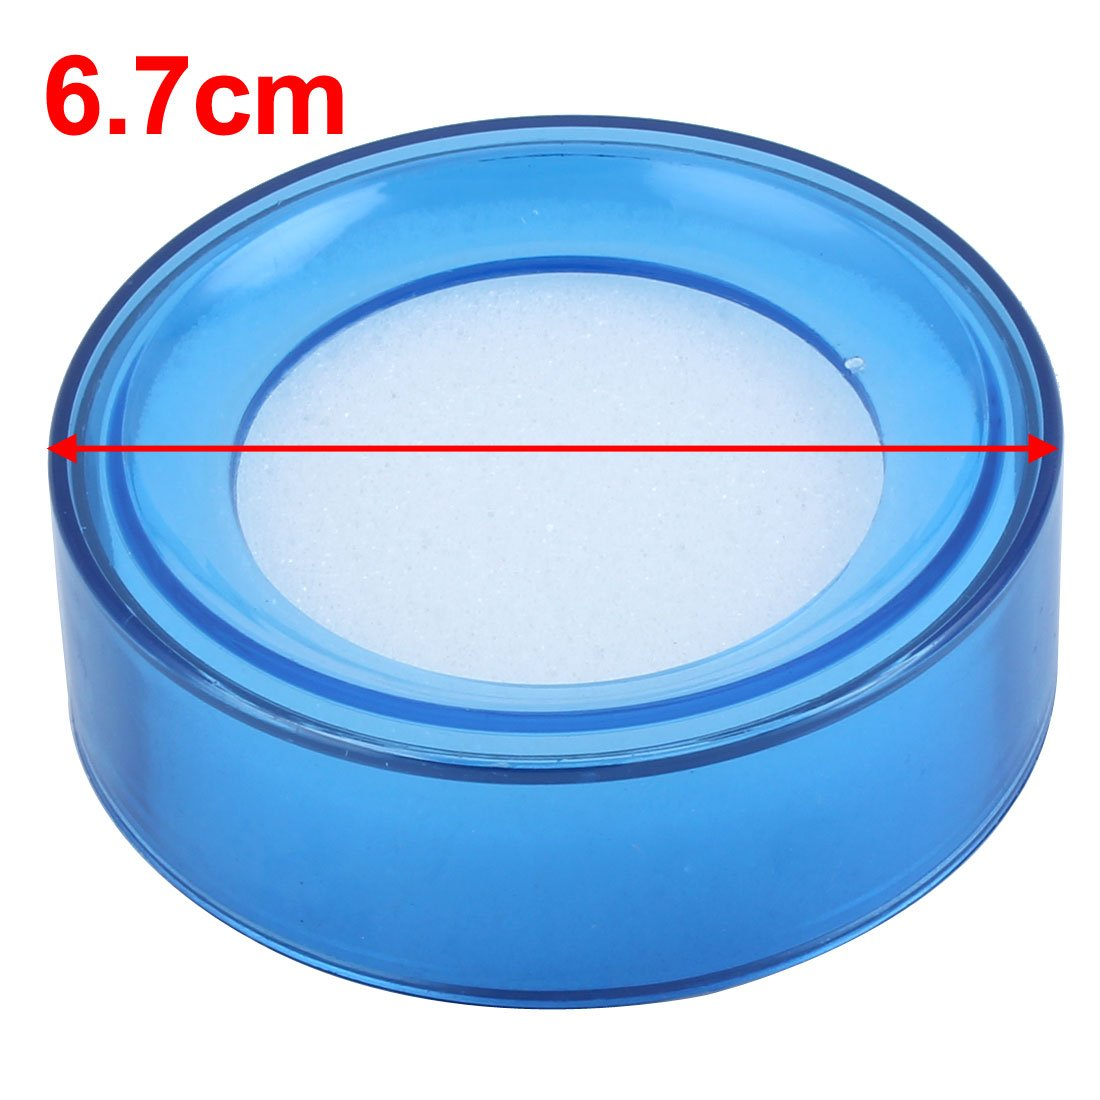 Esponja redonda para mojar el dedo, color azul: Amazon.es: Oficina y papelería